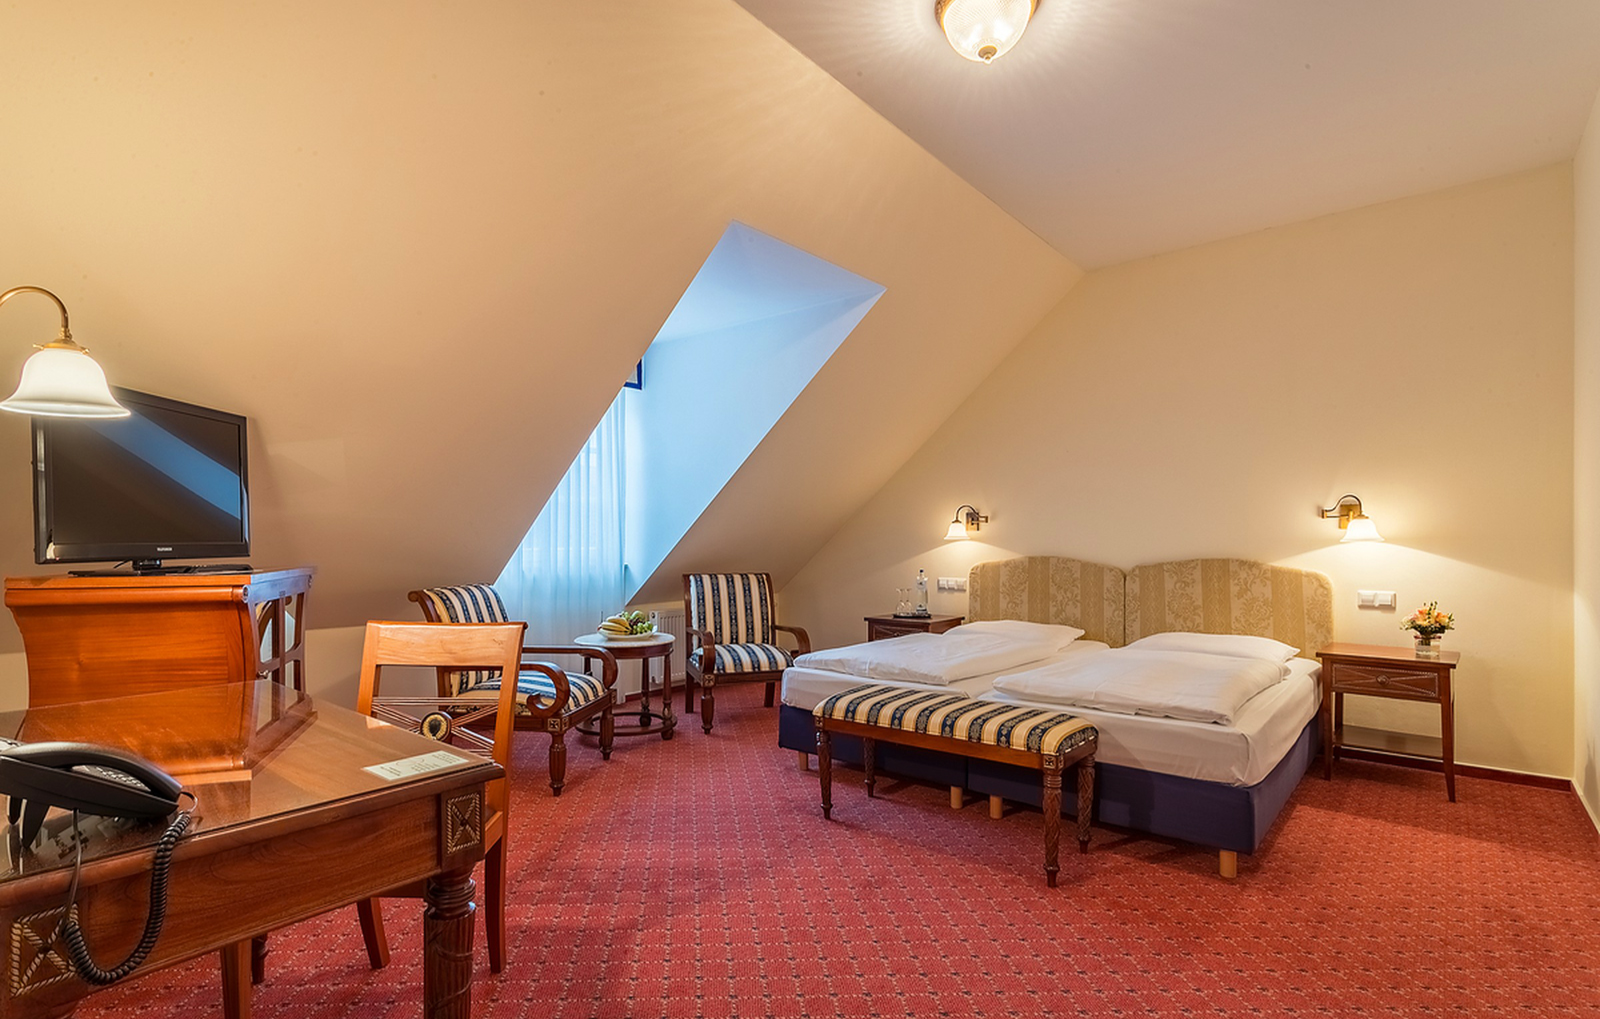 schlosshotels-neckarbischofsheim-bg4